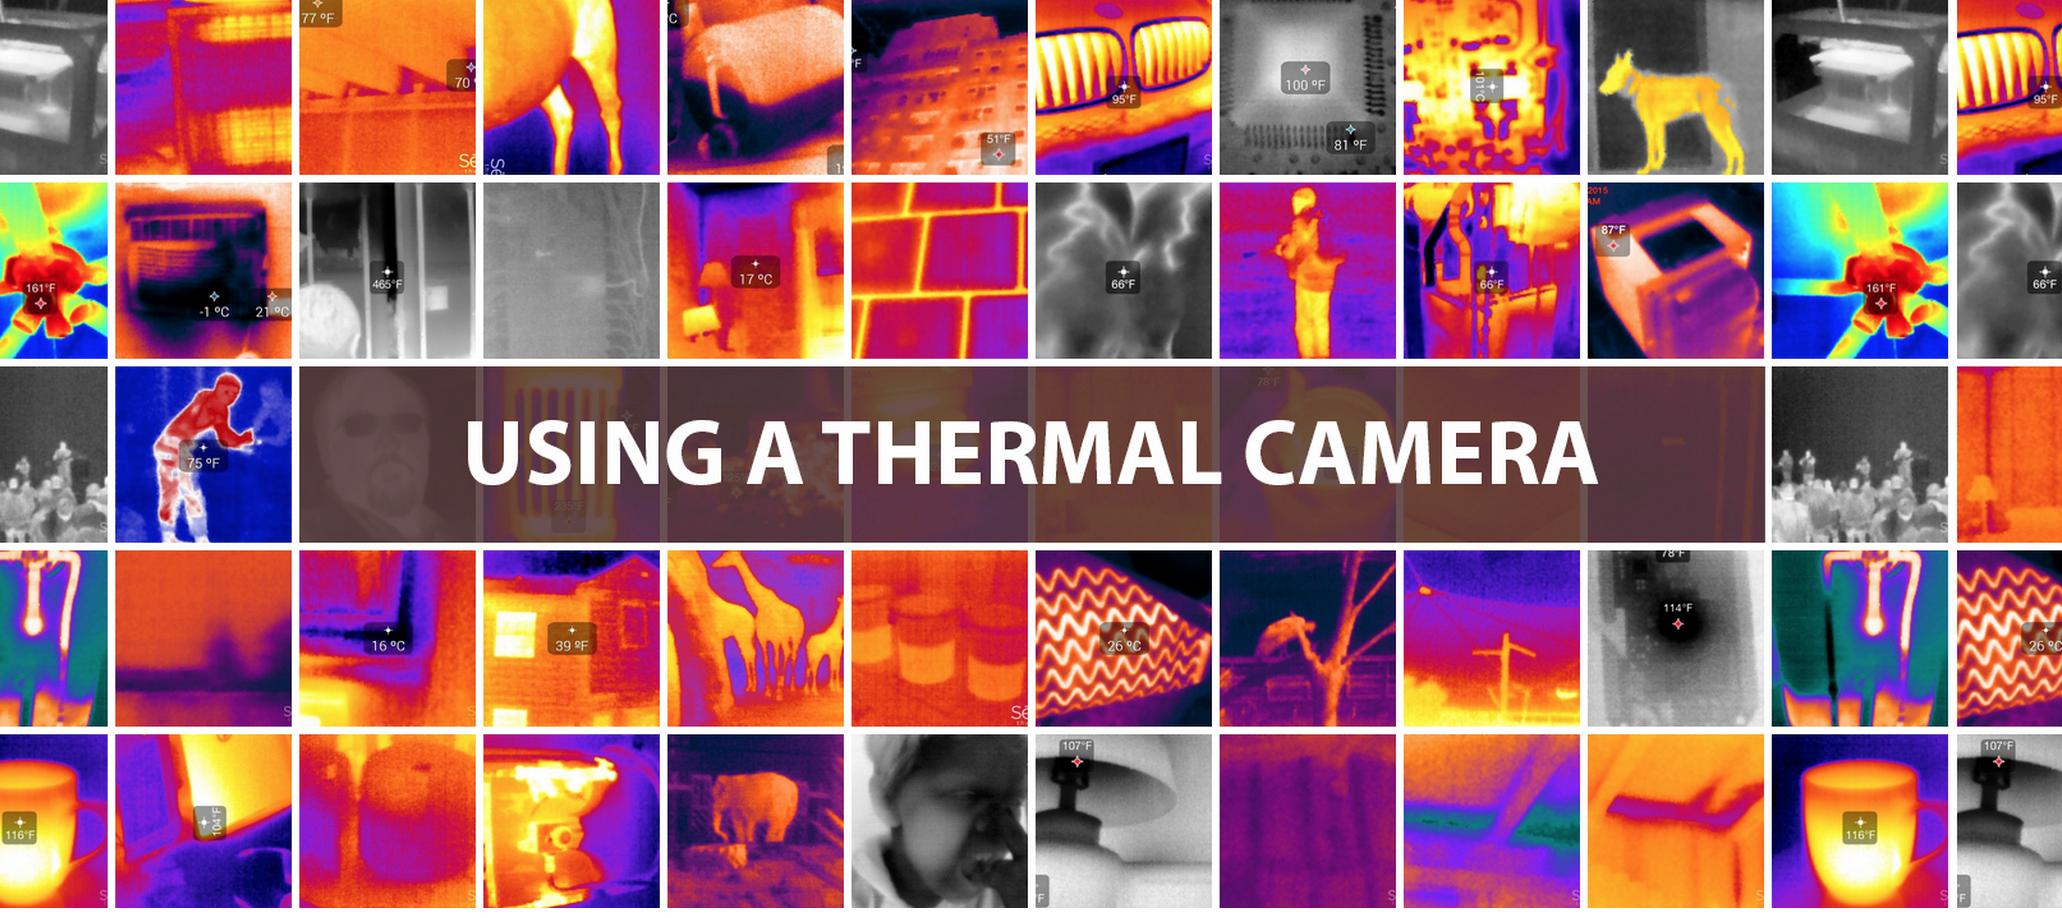 Akıllı Telefonunuzu Thermal Kameraya Dönüştürmek İster misiniz?